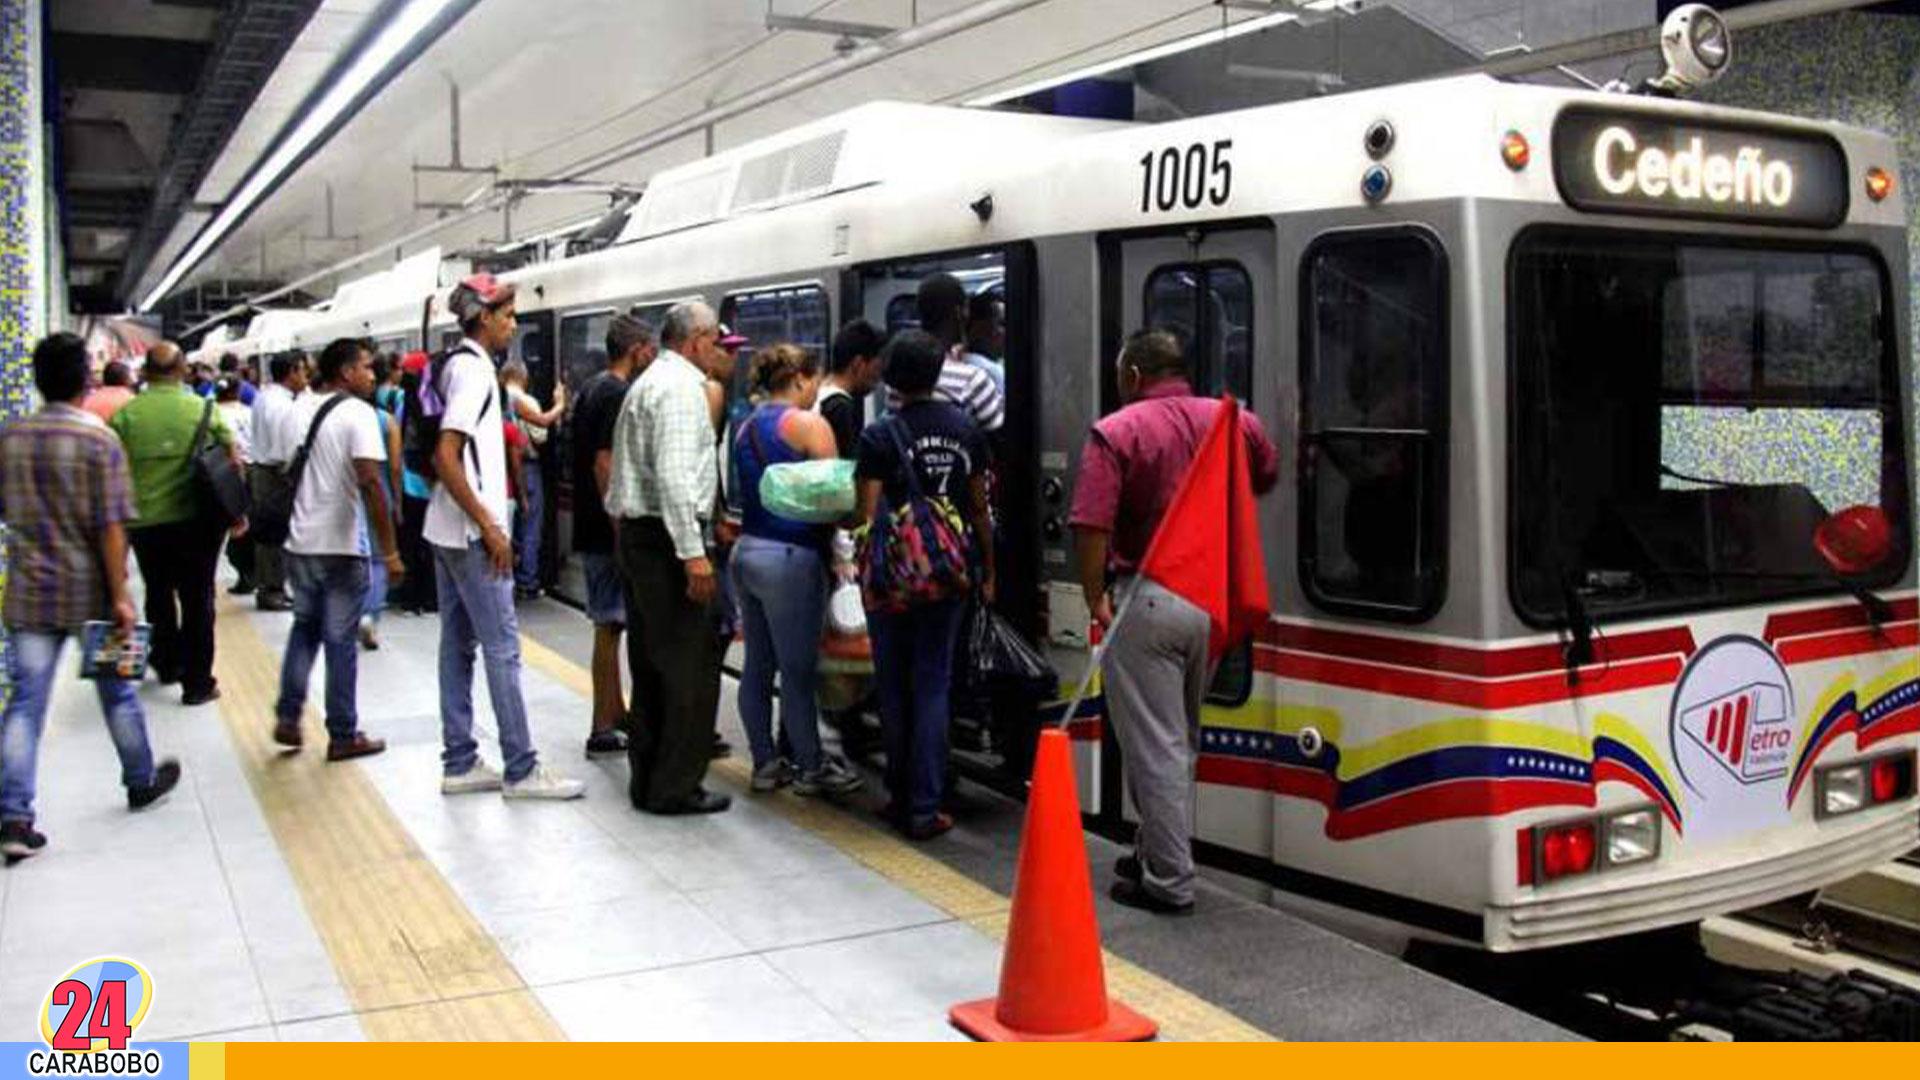 vagones del Metro de Valencia - Vagones del Metro de Valencia